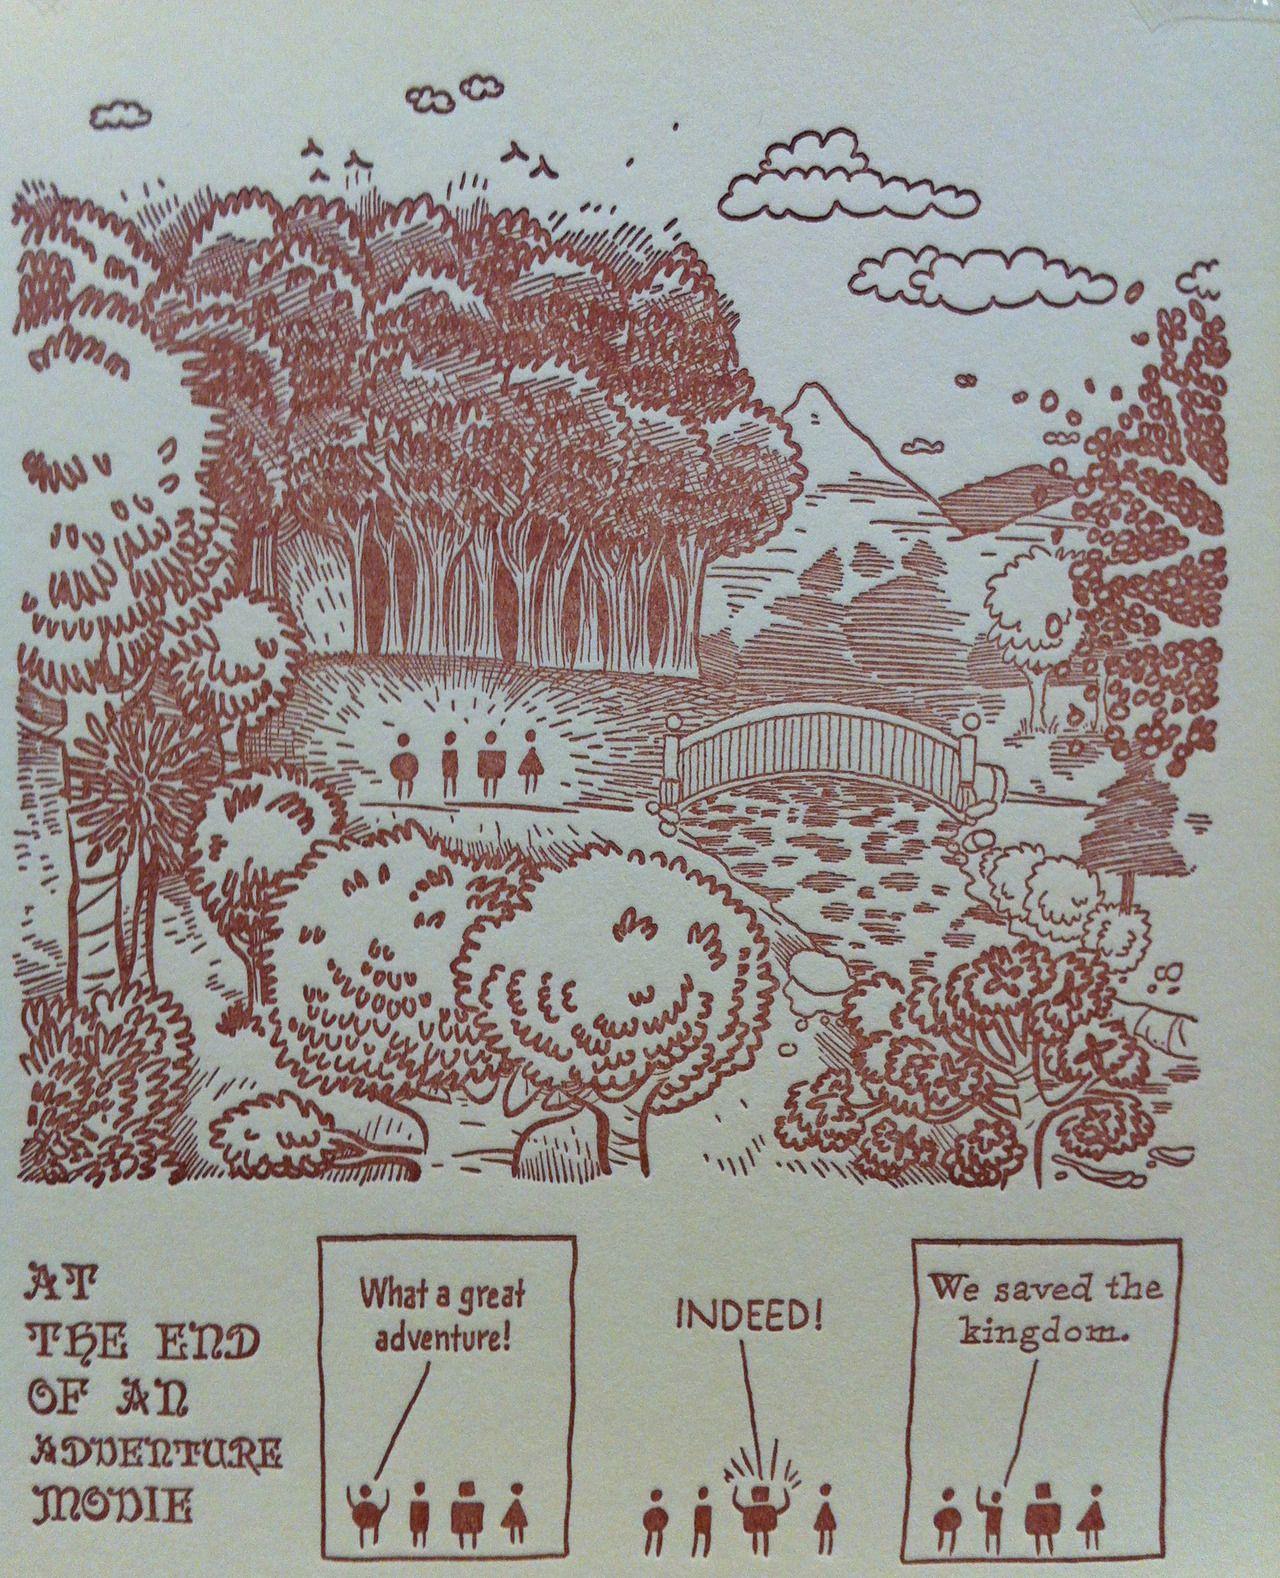 Will Dinski A Comic Arts Alum Received A Jerome Book Art